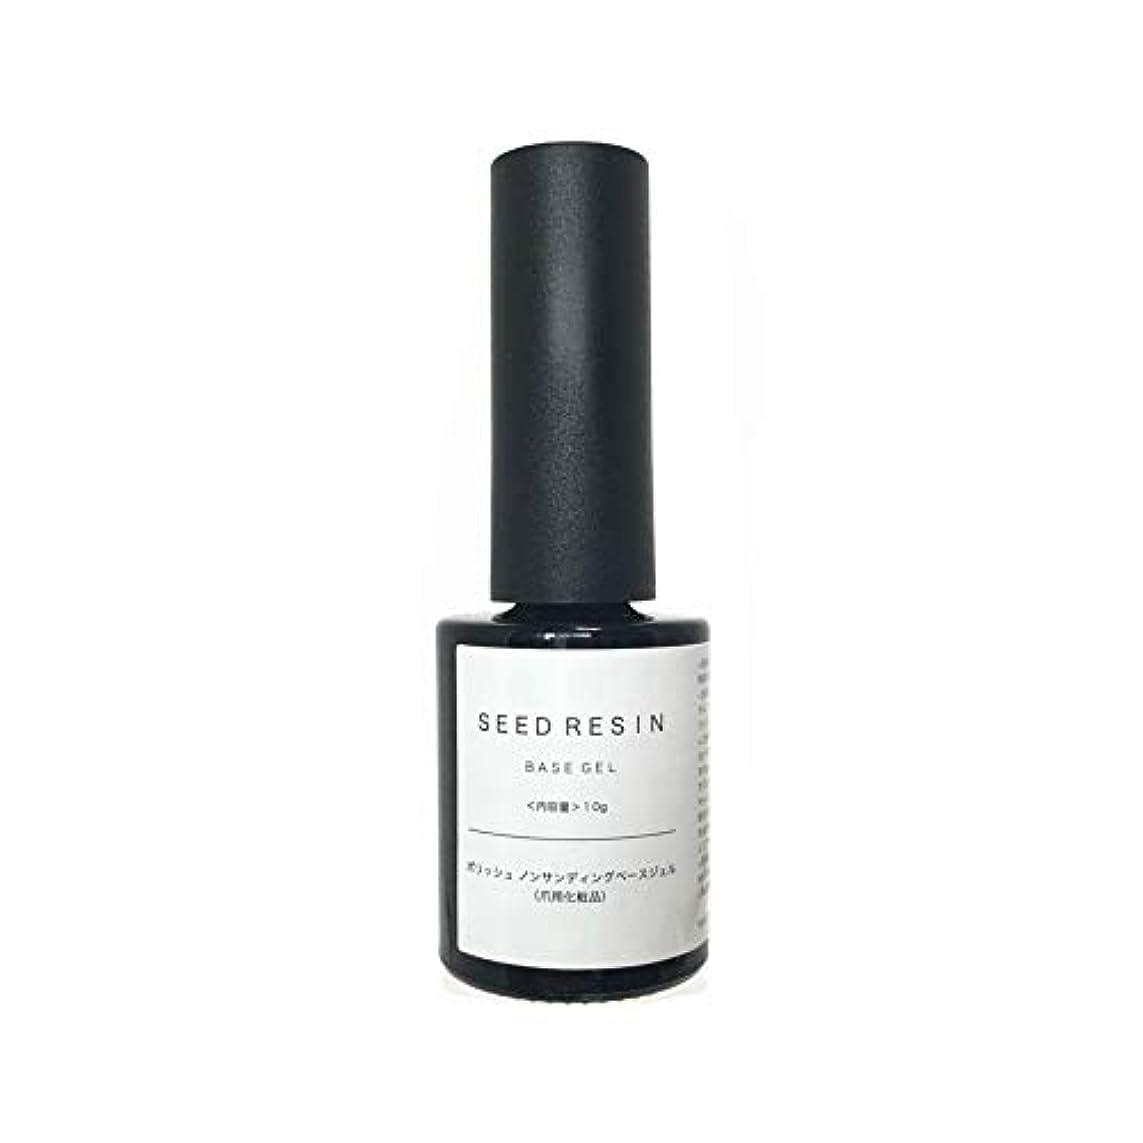 成功分散ドナーSEED RESIN(シードレジン) ジェルネイル ポリッシュ ノンサンディング ベースジェル 10g 爪用化粧品 日本製